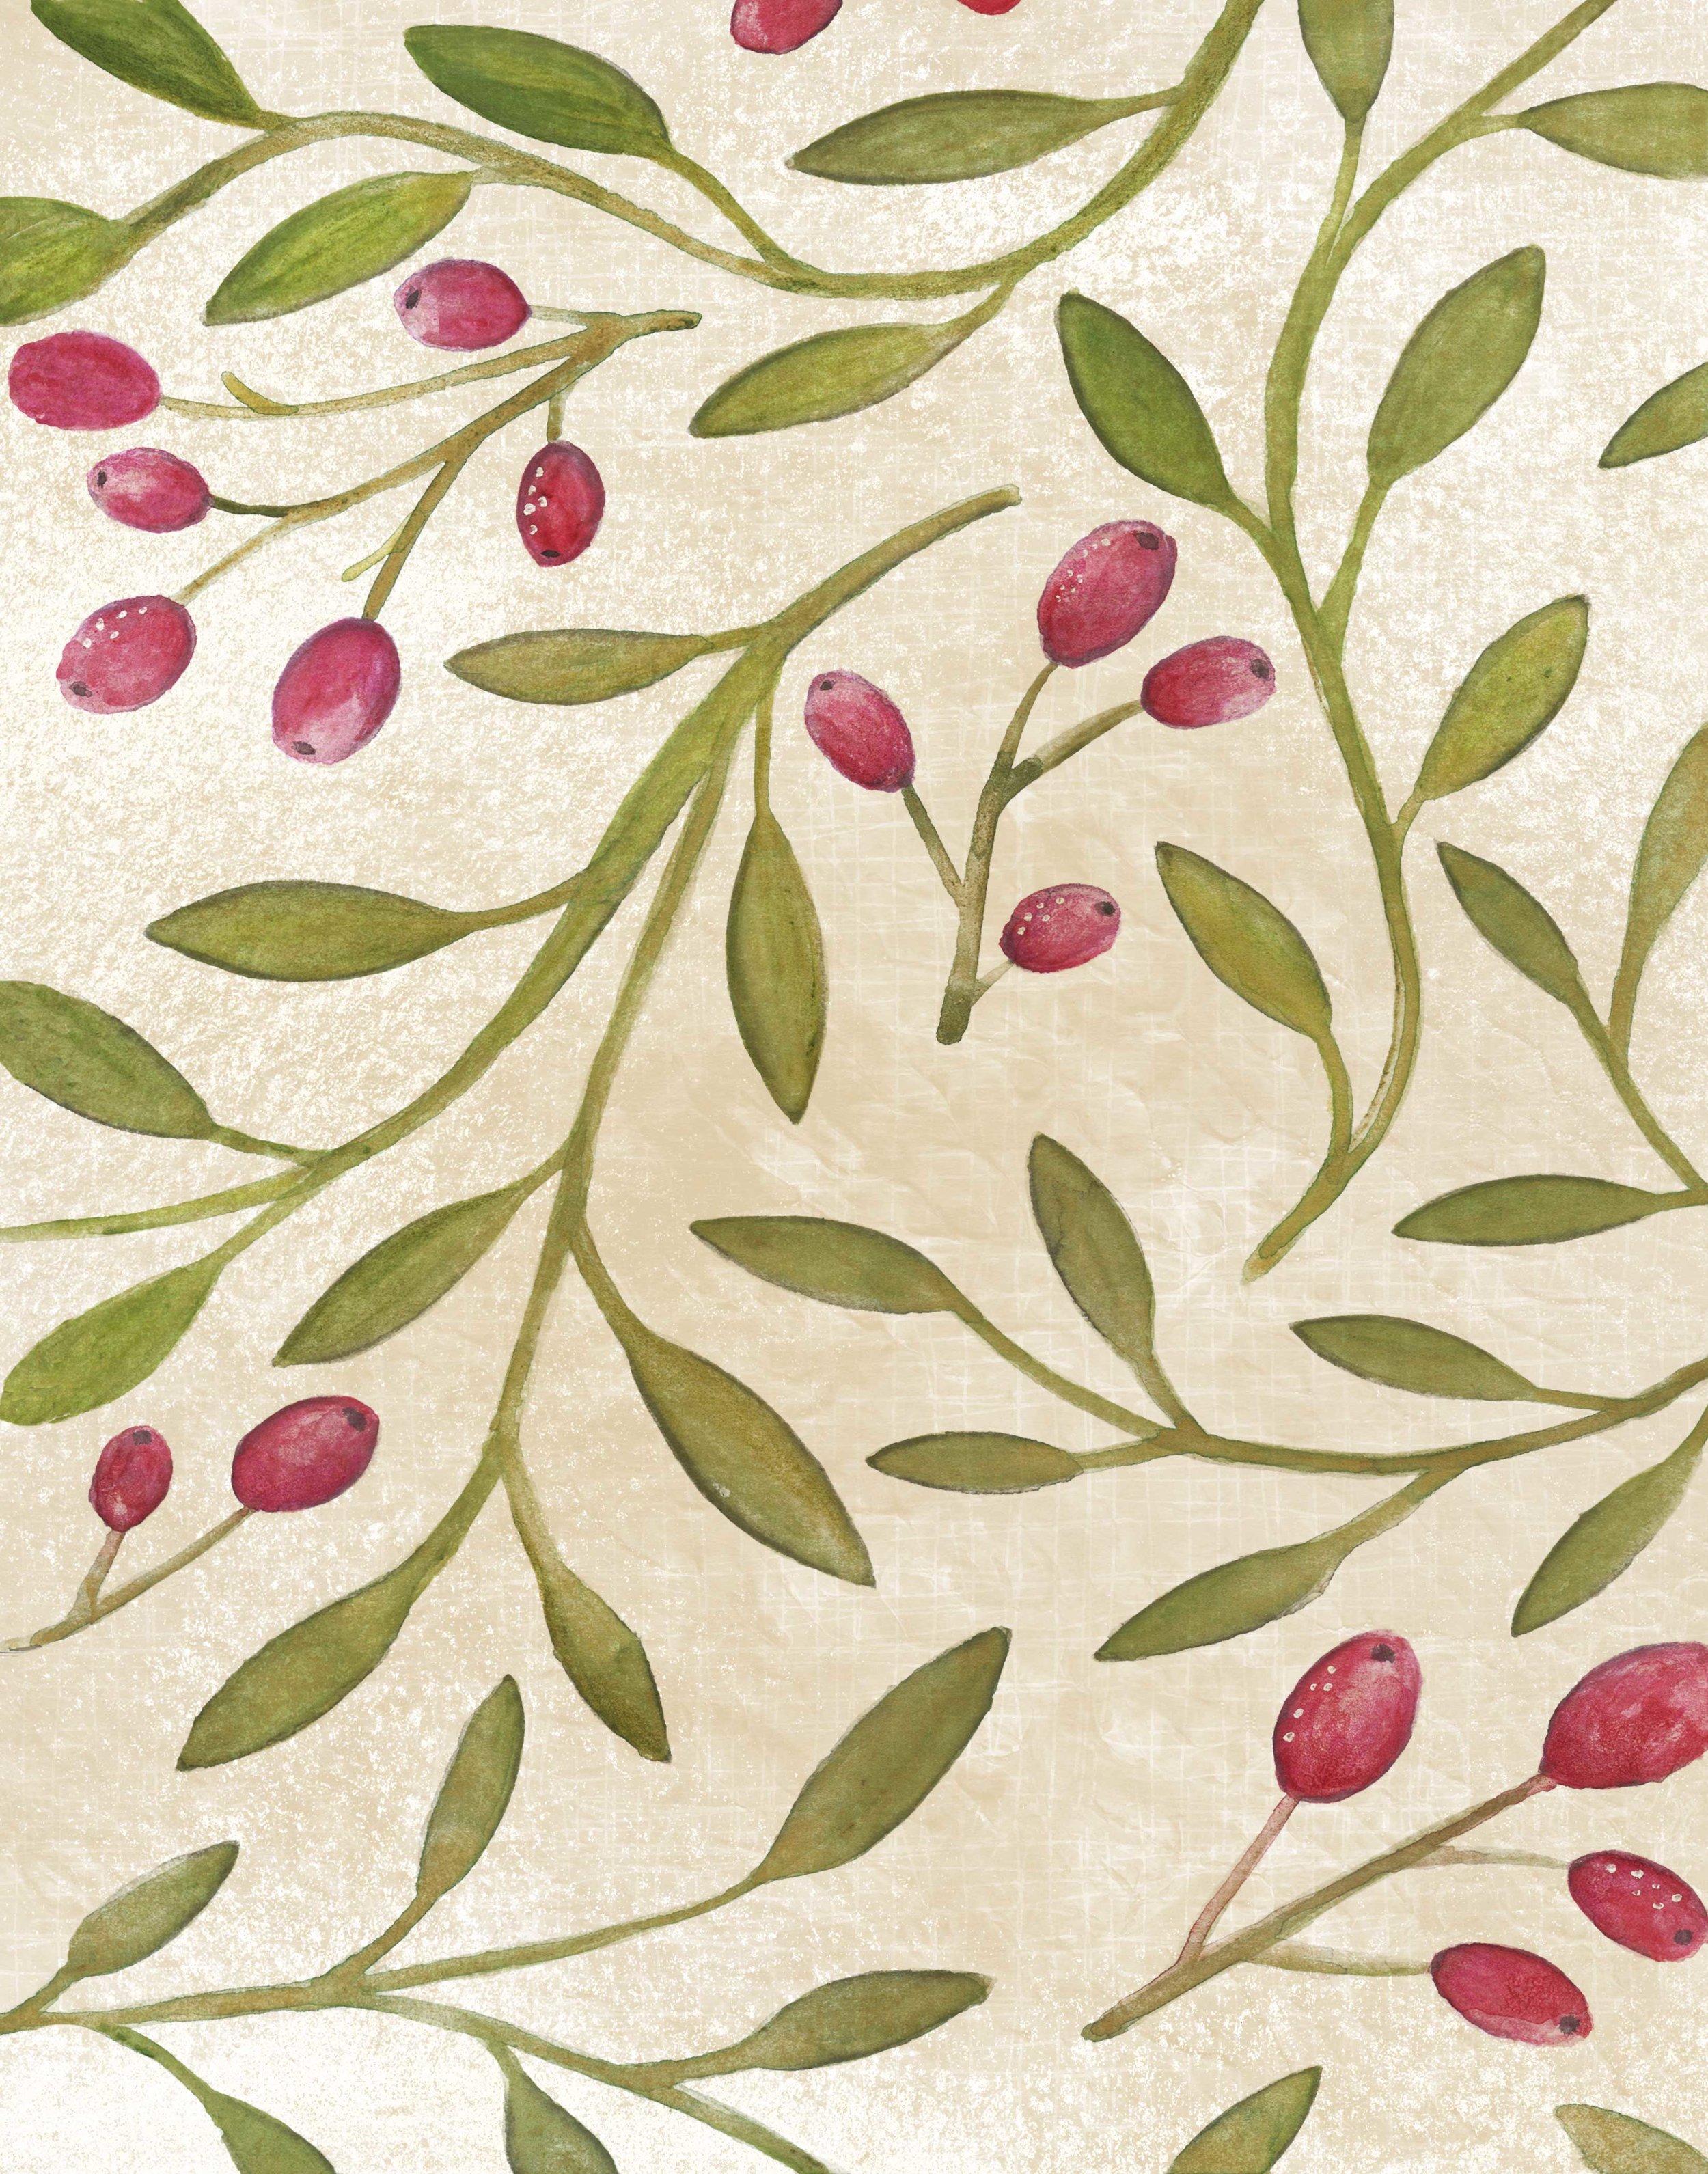 berries-and-leaves-pattern-1.jpg